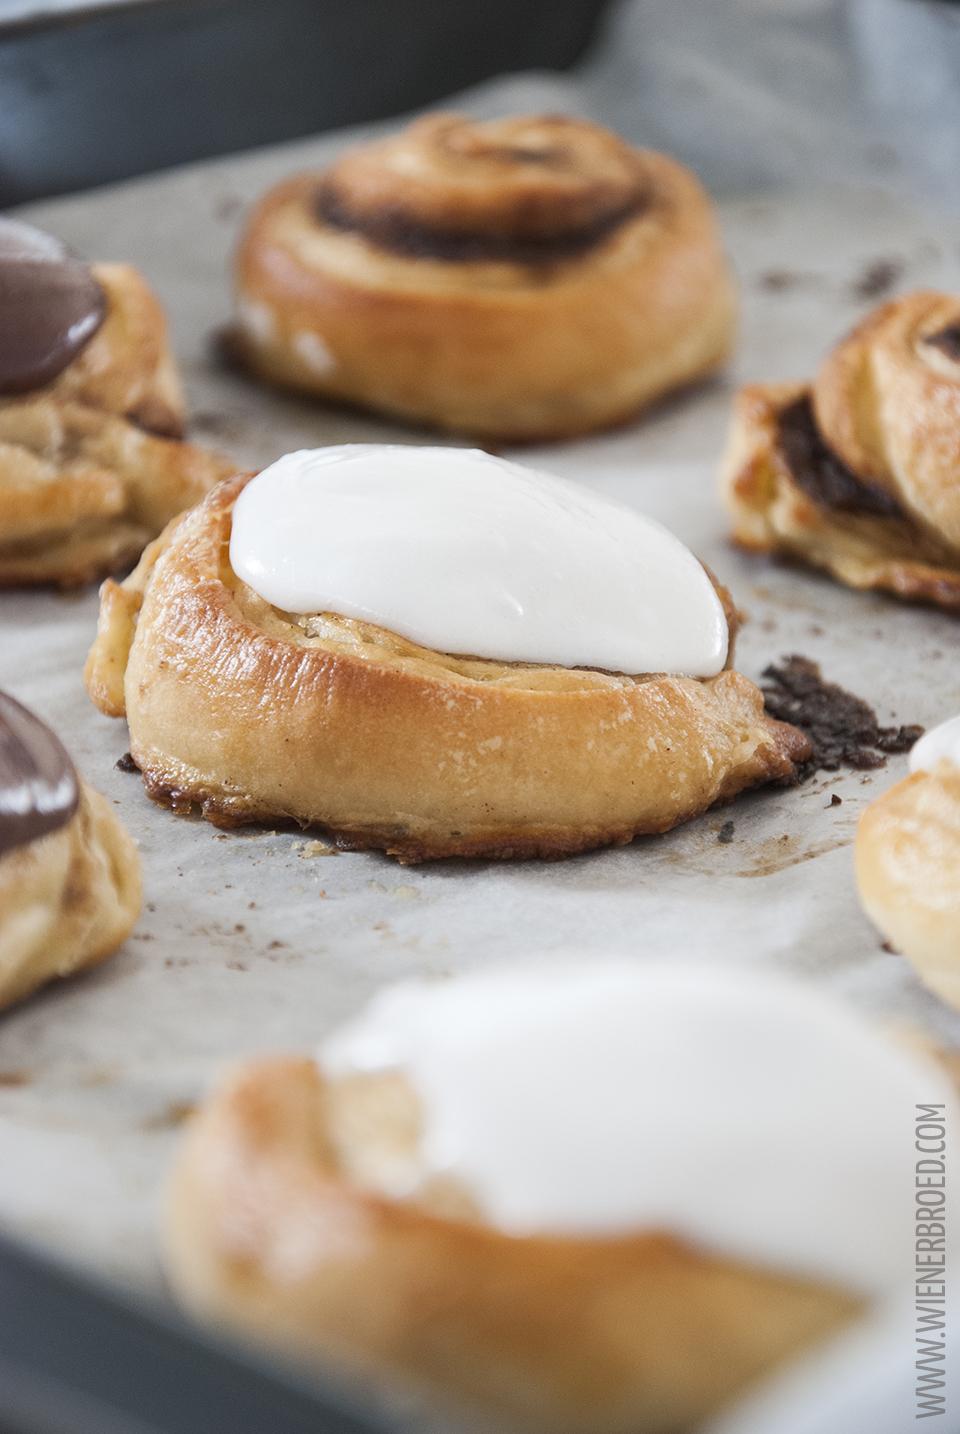 Rezept für Wienerbroed-Schnecken / Recipe for Wienerbroed buns [wienerbroed.com] dänischer Plunderteig mit Zimtfüllung und Puderzuckerguss / Danishs with cinnamon filling and glaze